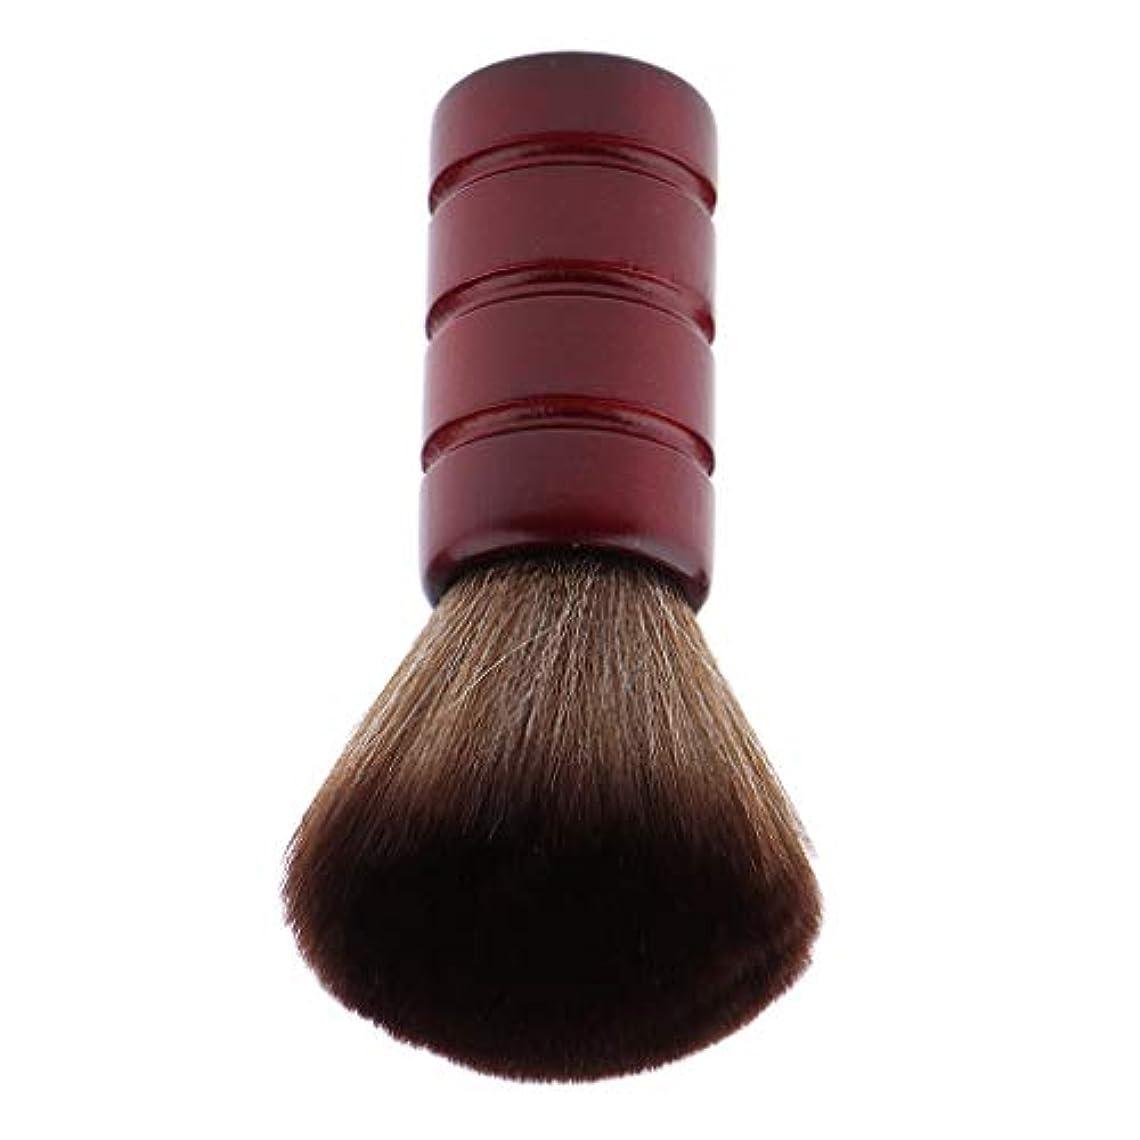 誠意デコレーションコールドF Fityle バーバー ネックダスターブラシ 理髪 サロン 顔のダスターブラシ シェービング ヘアカット ブラシ